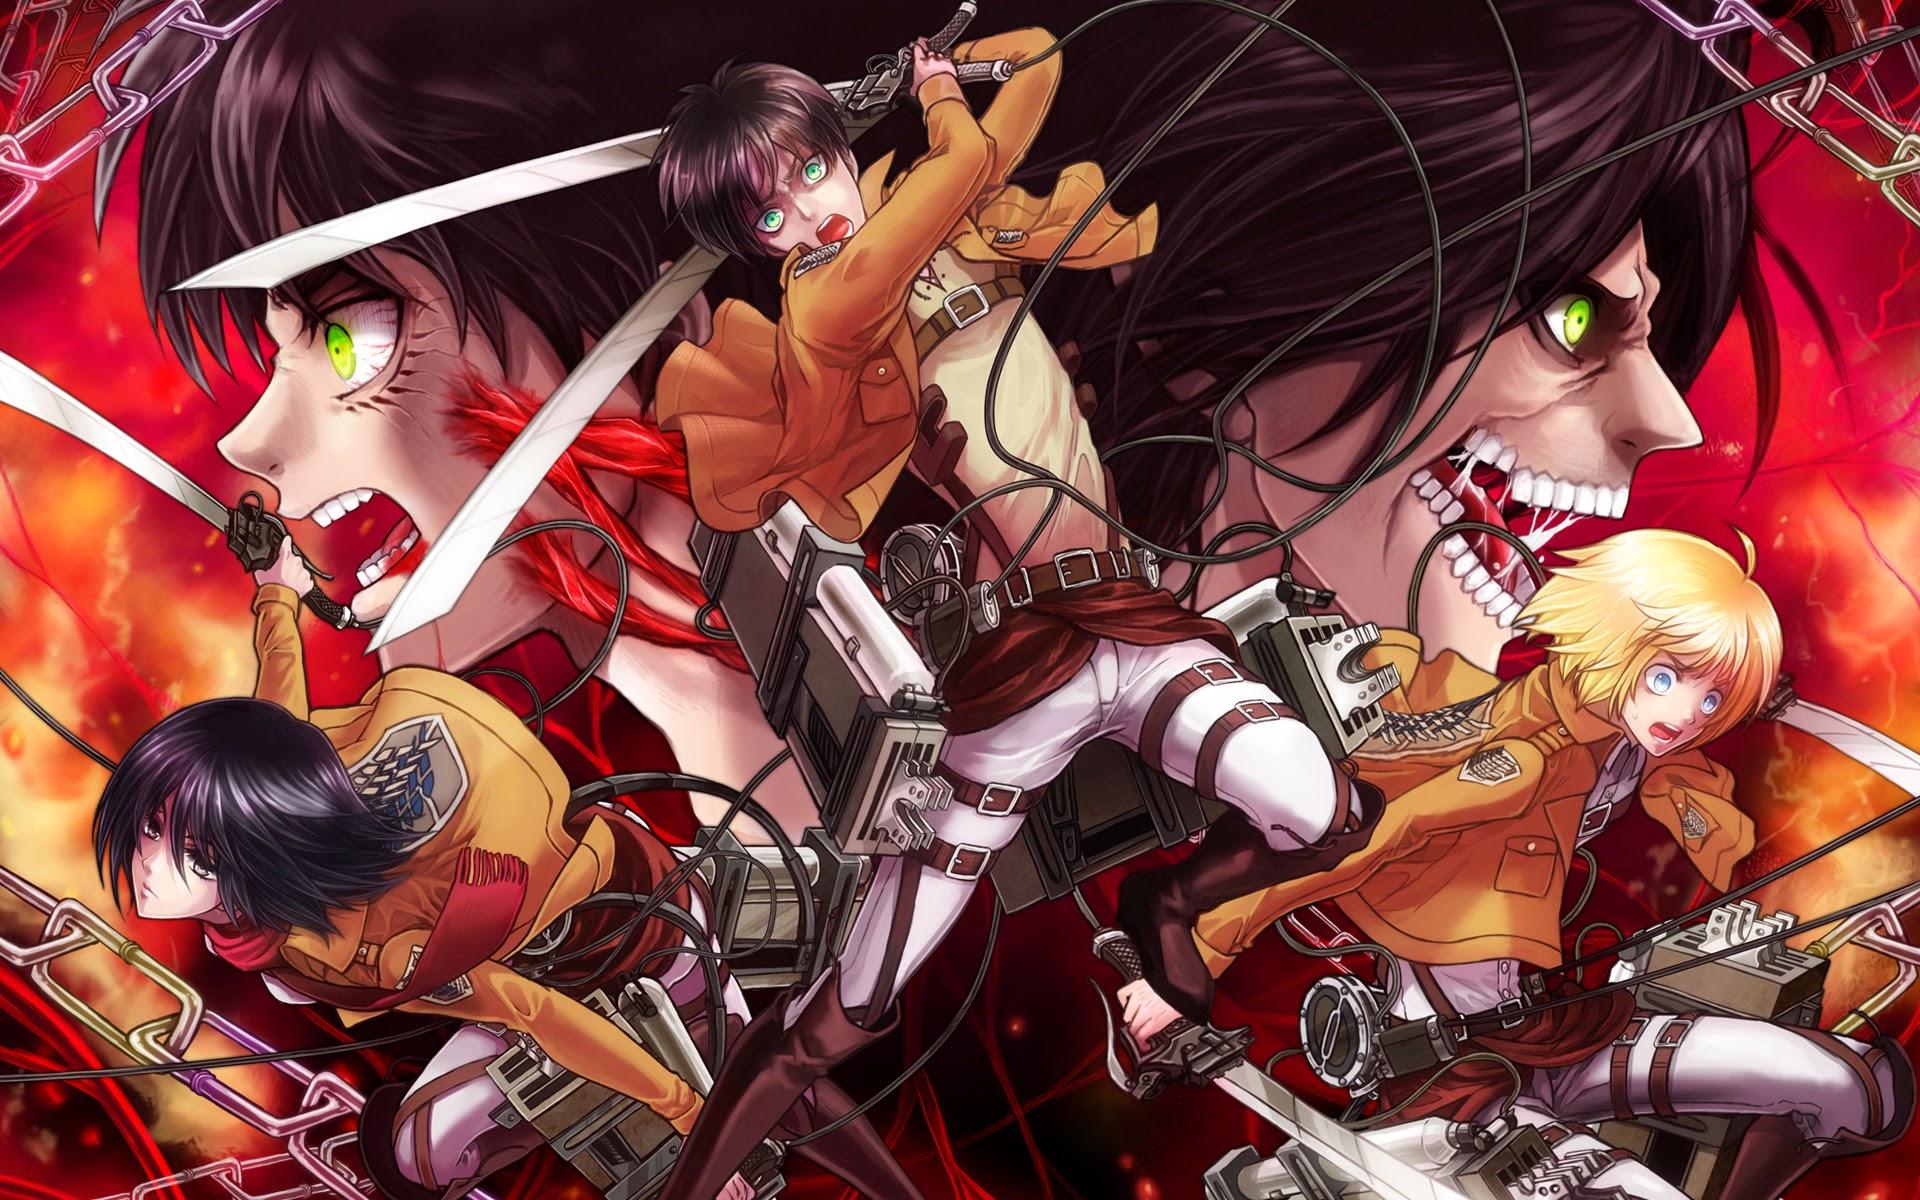 attack on titan shingeki no kyojin eren jaeger rogue titan mikasa 1920x1200